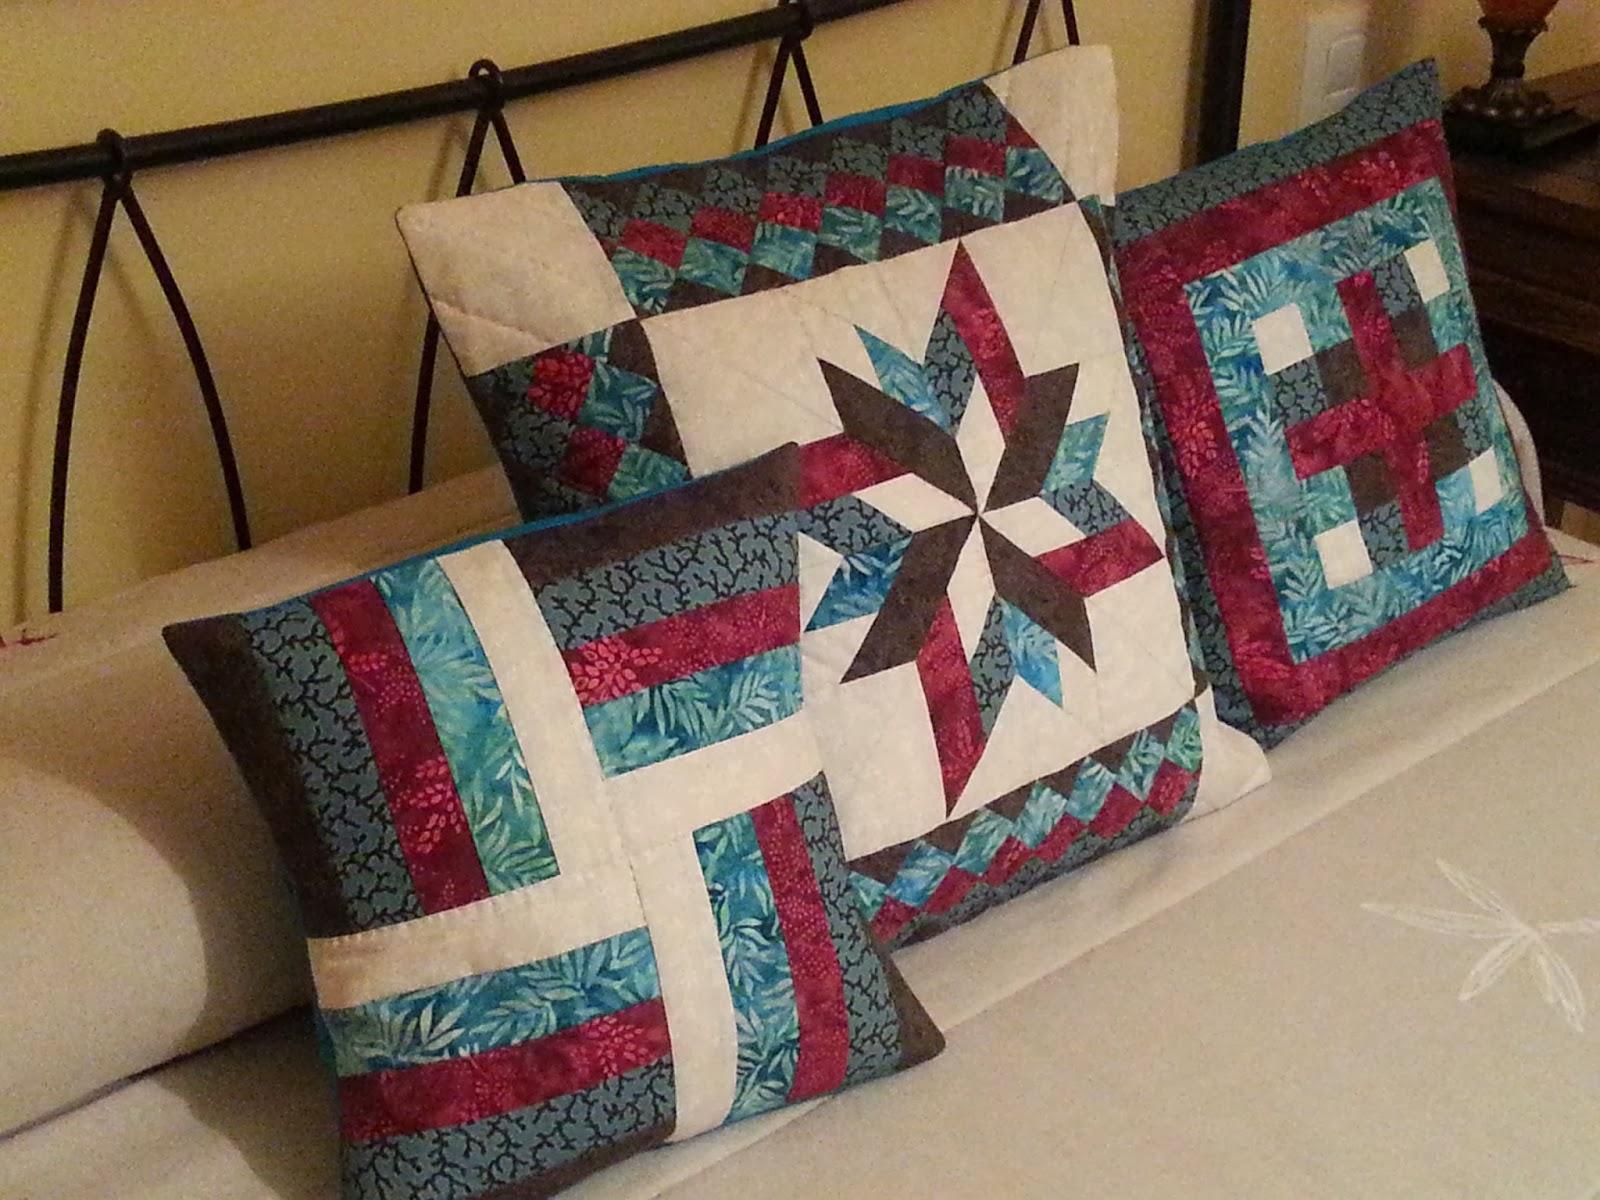 Cuesti n de coser cojines de patchwork - Cojines de patchwork ...